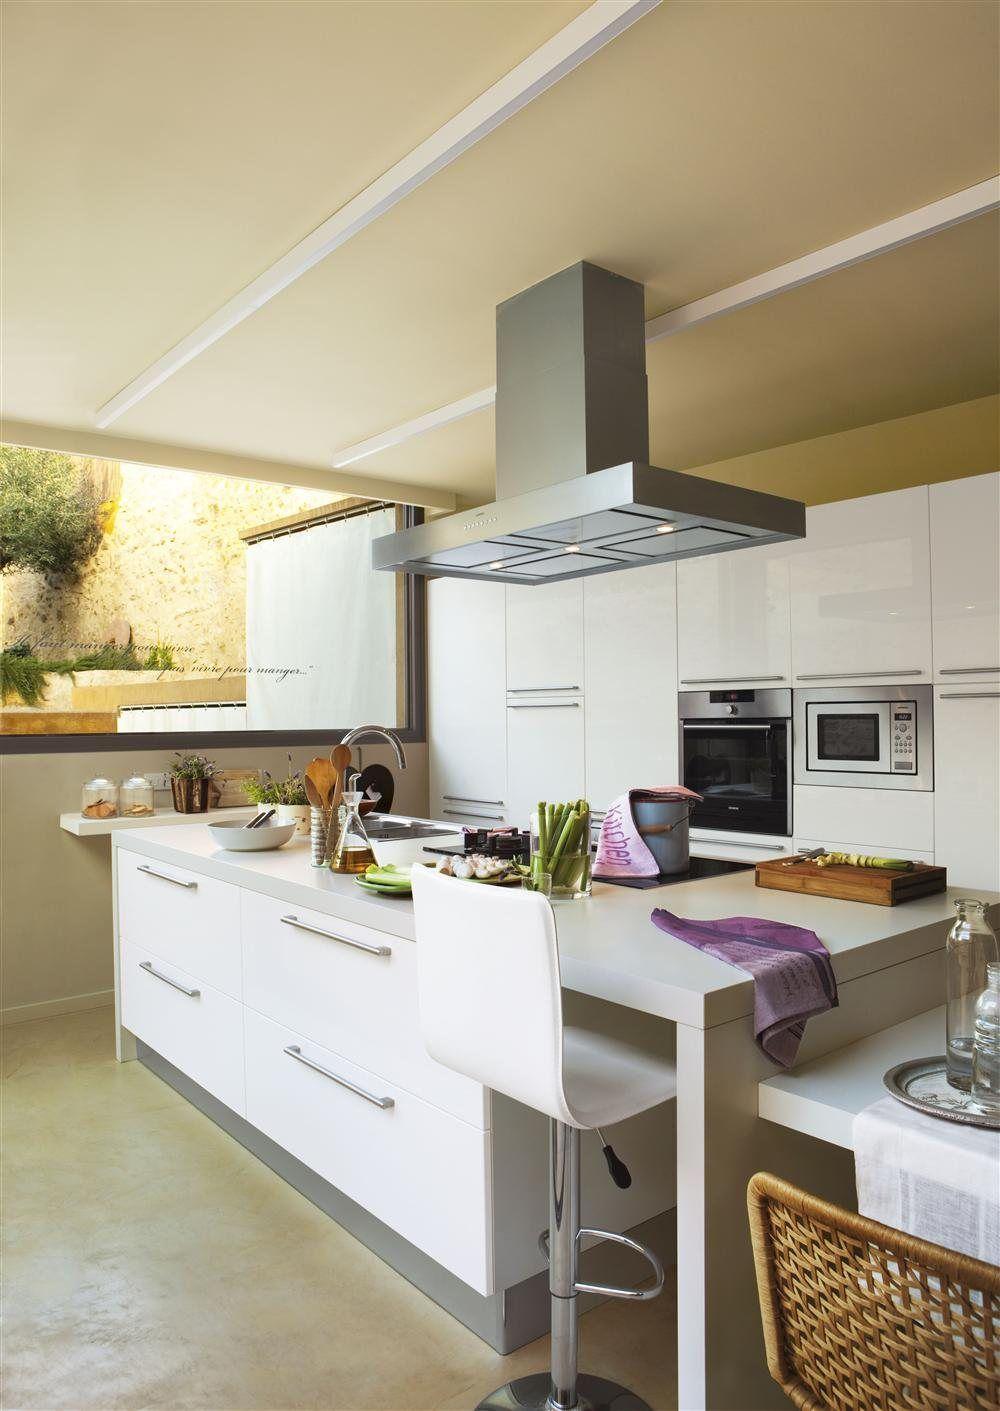 Una cocina creada alrededor de la isla | Baño, Cocinas y Cocina moderna